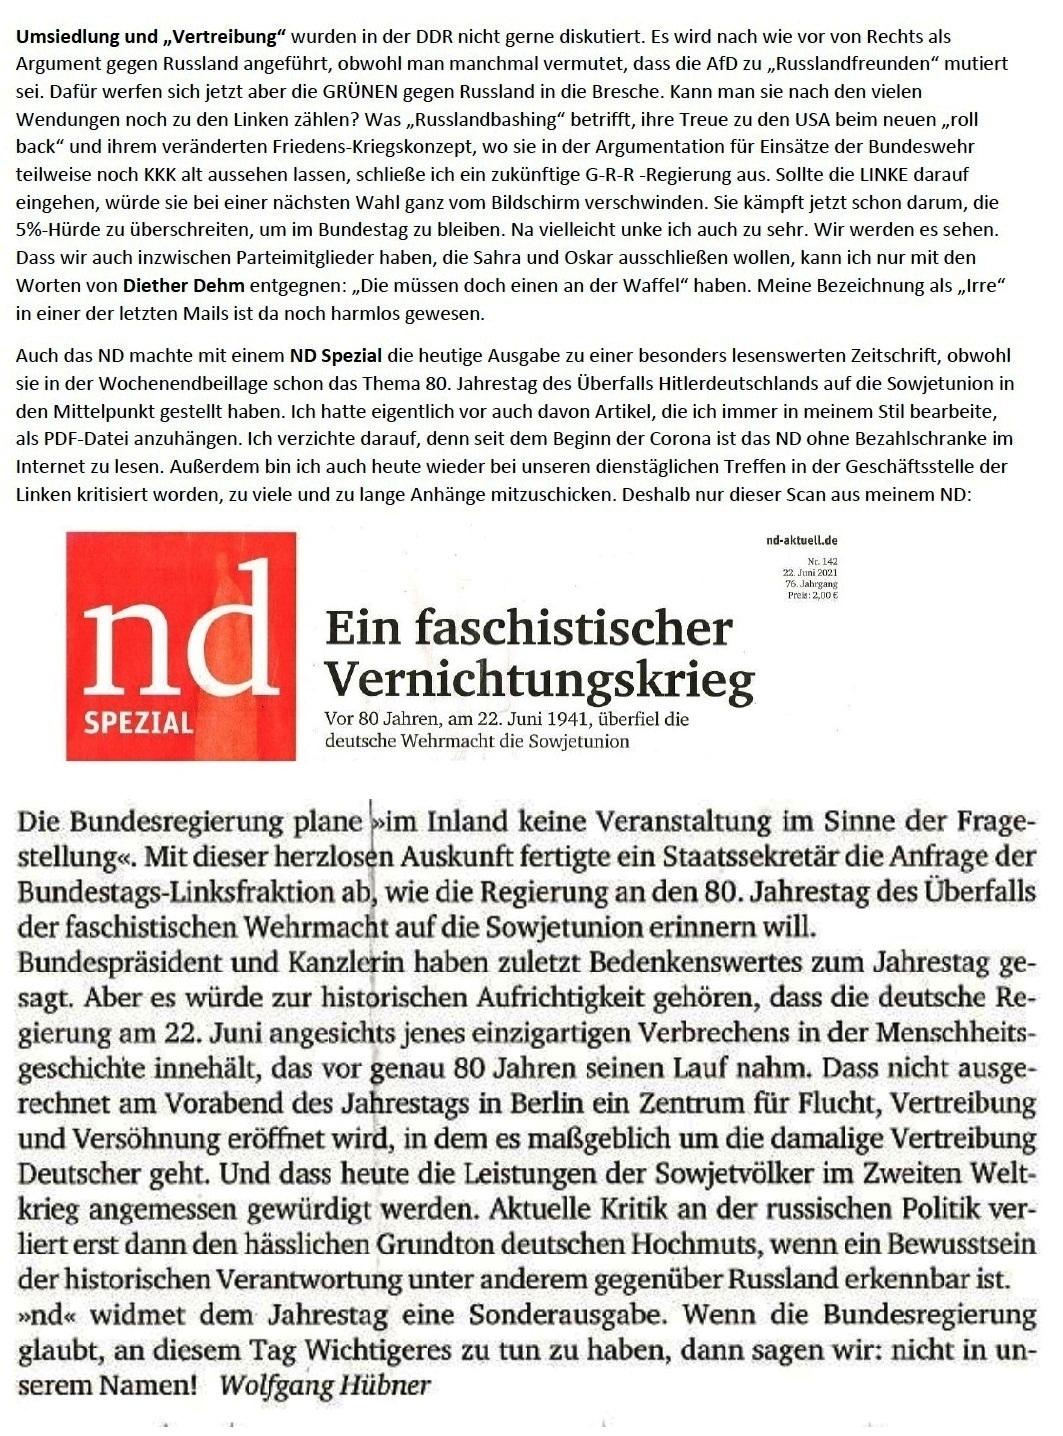 E-Mail an Grischa - Aus dem Posteingang von Siefried Dienel vom 23.06.2021 -  Abschnitt 7